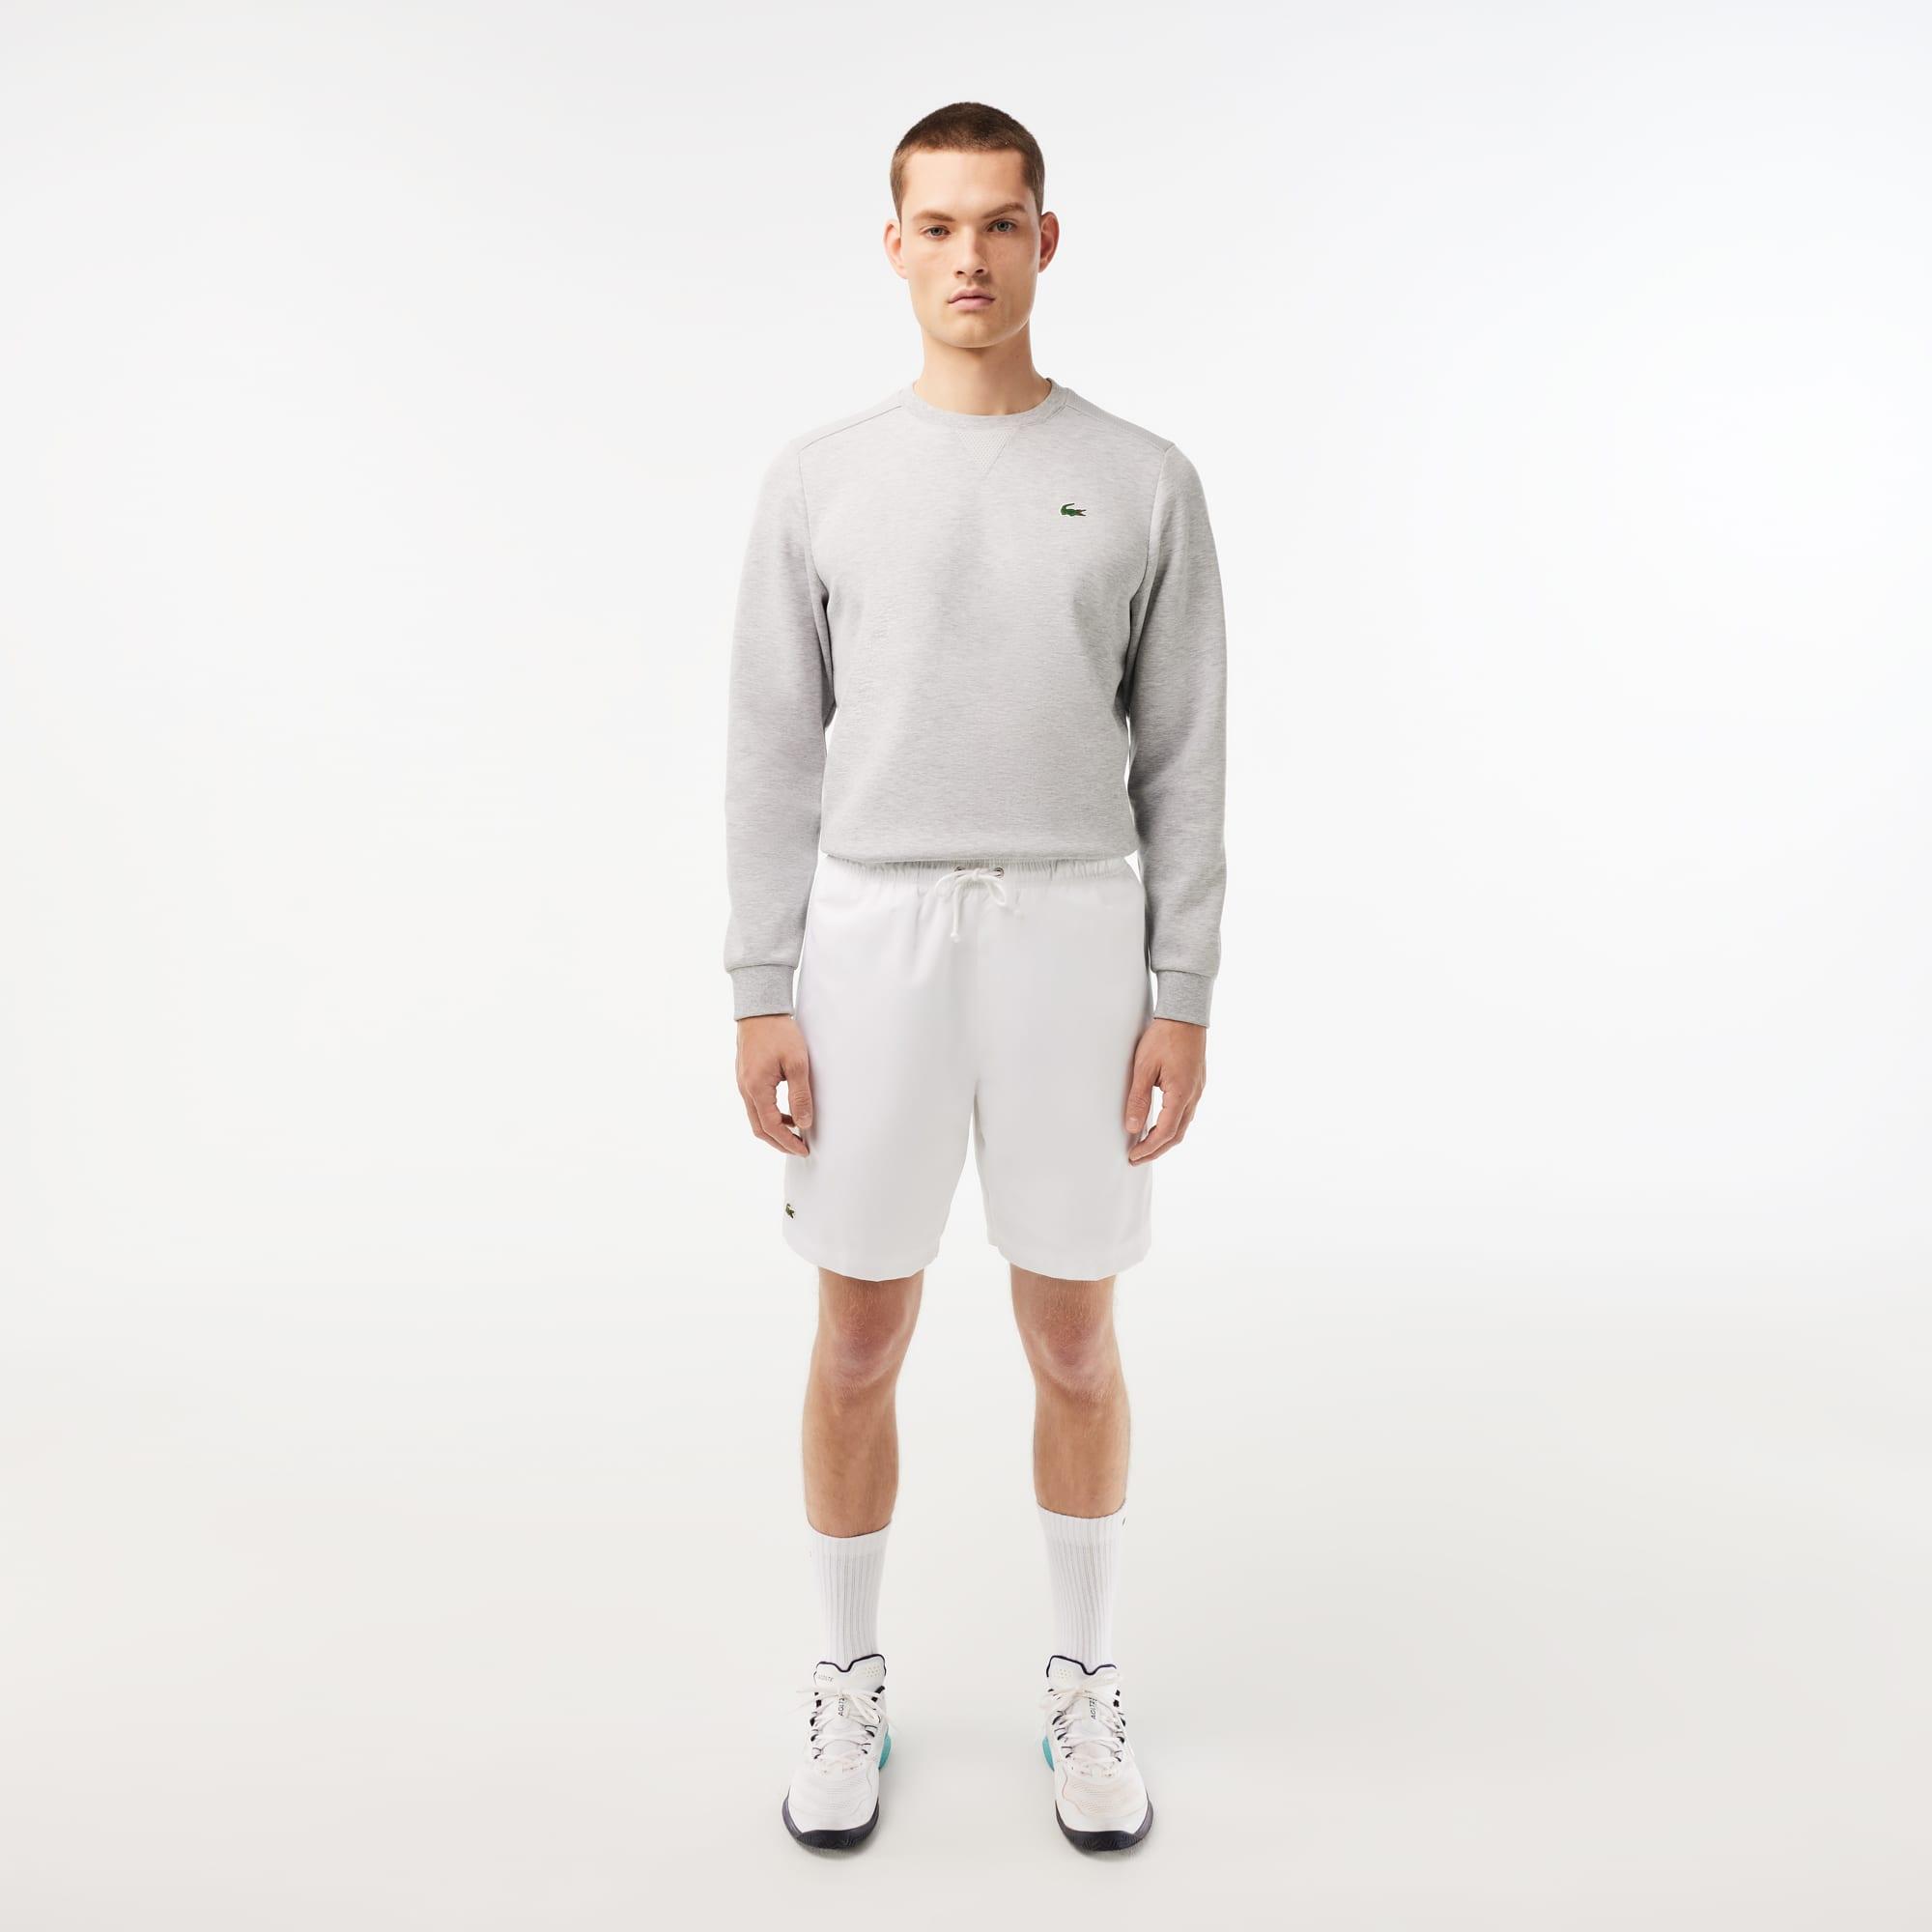 Artikel Sportbekleidung Herren Sport Lacoste Alle CPqR8F8